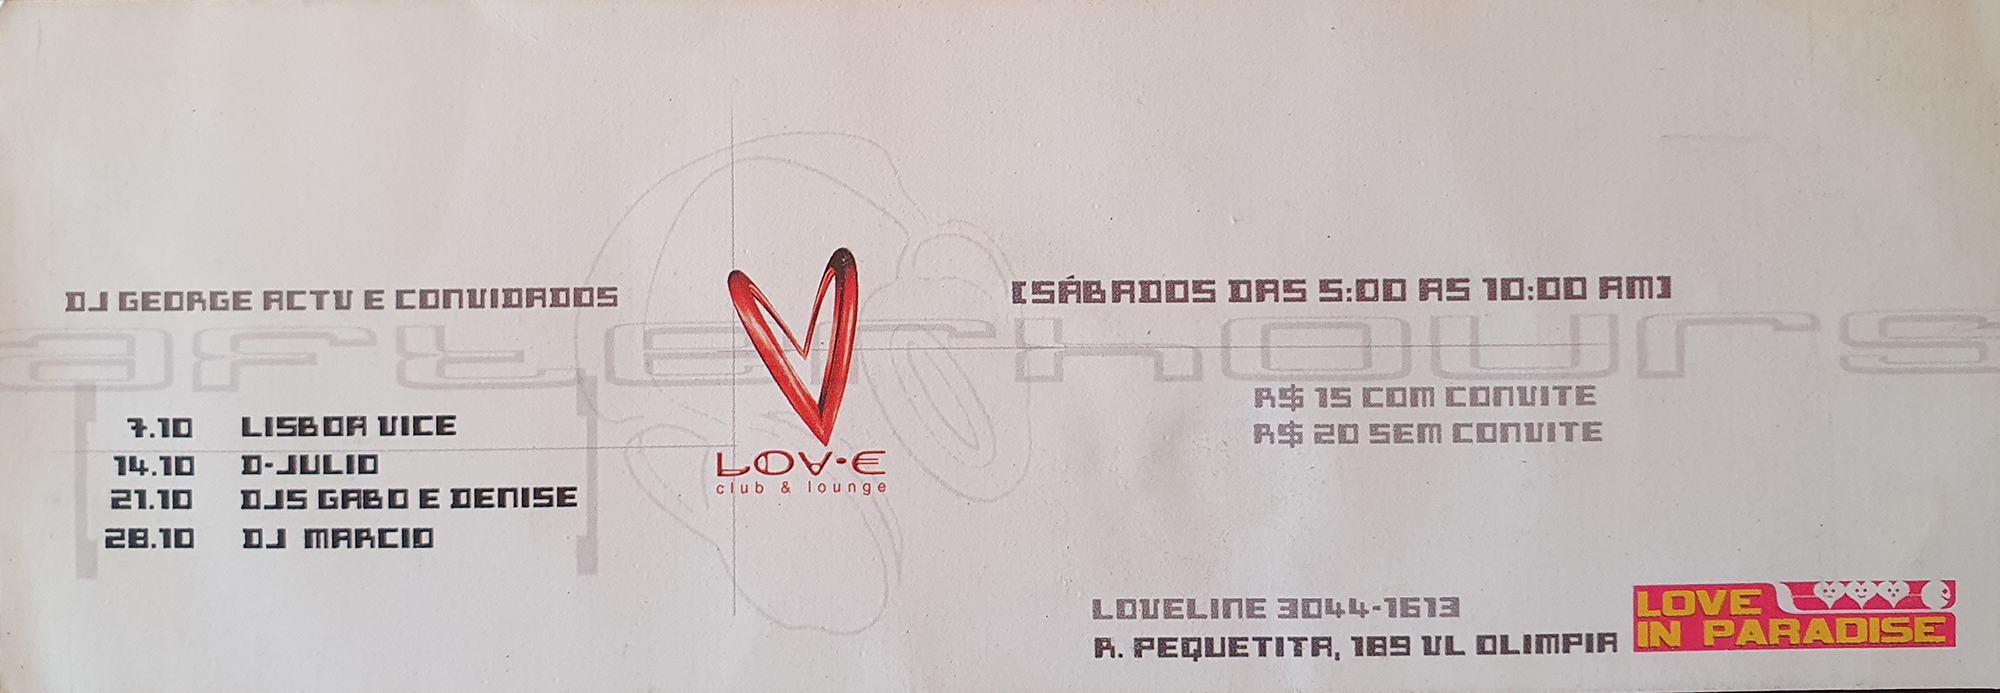 Lov-e